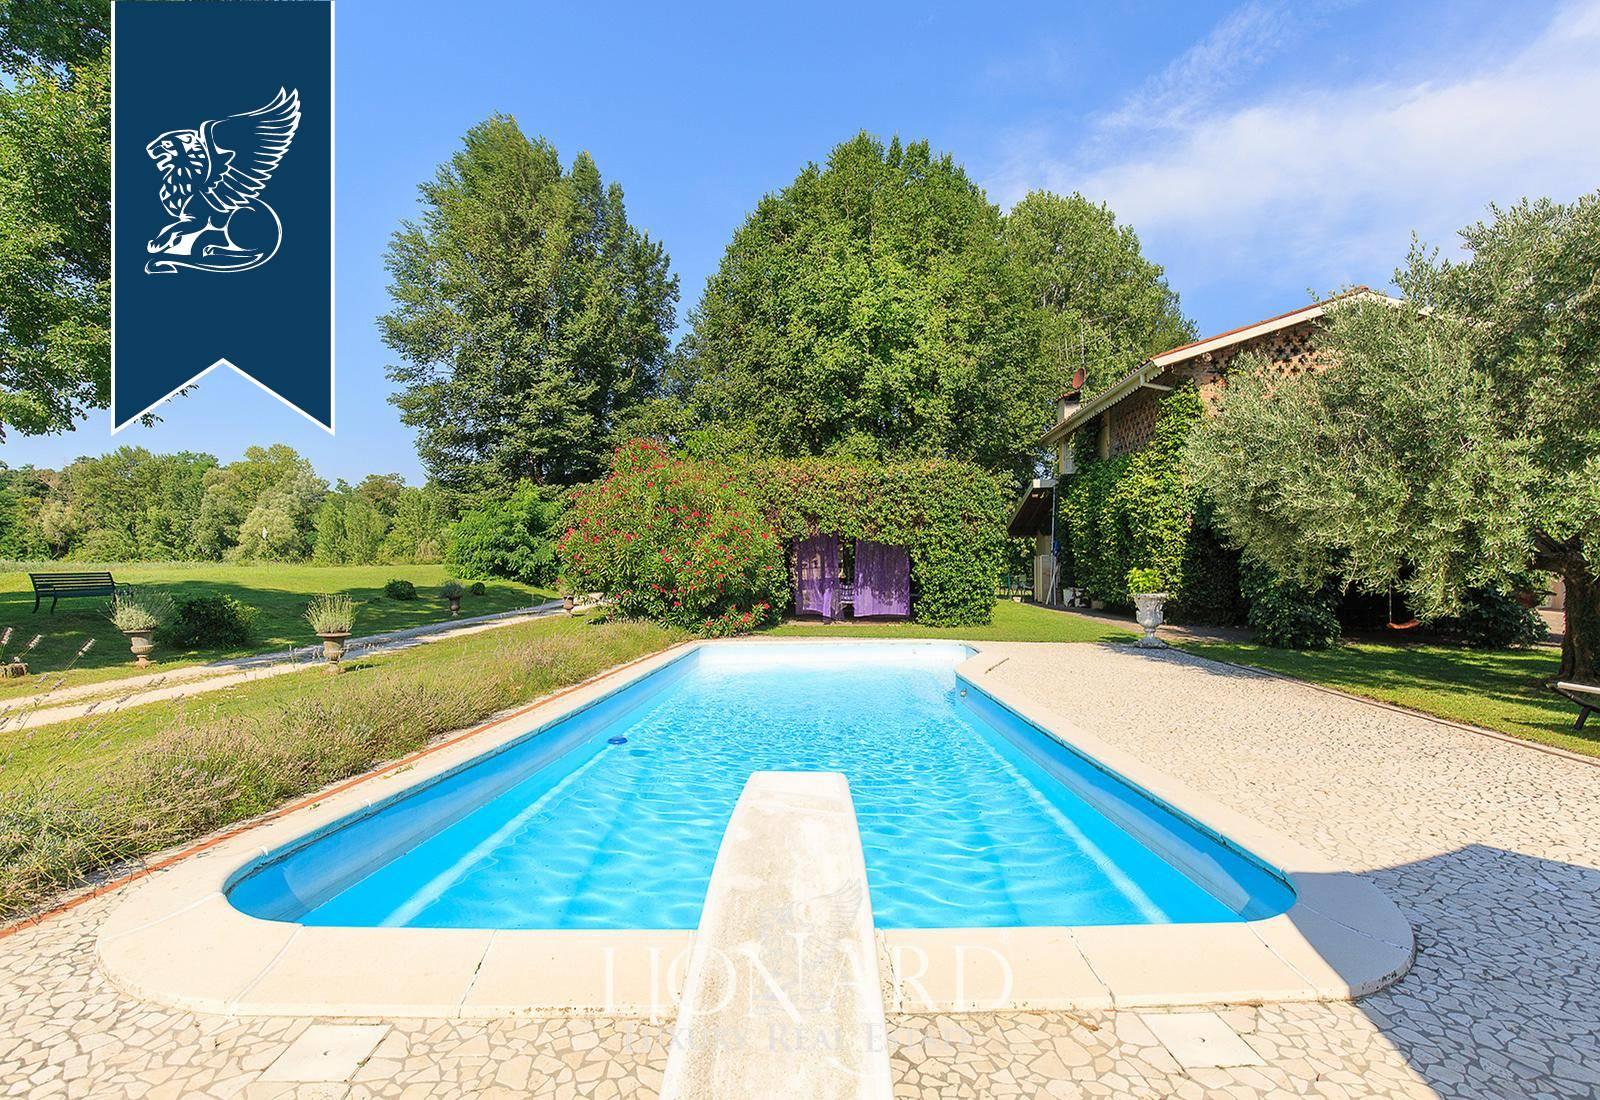 Villa in Vendita a Corte Franca: 0 locali, 750 mq - Foto 9